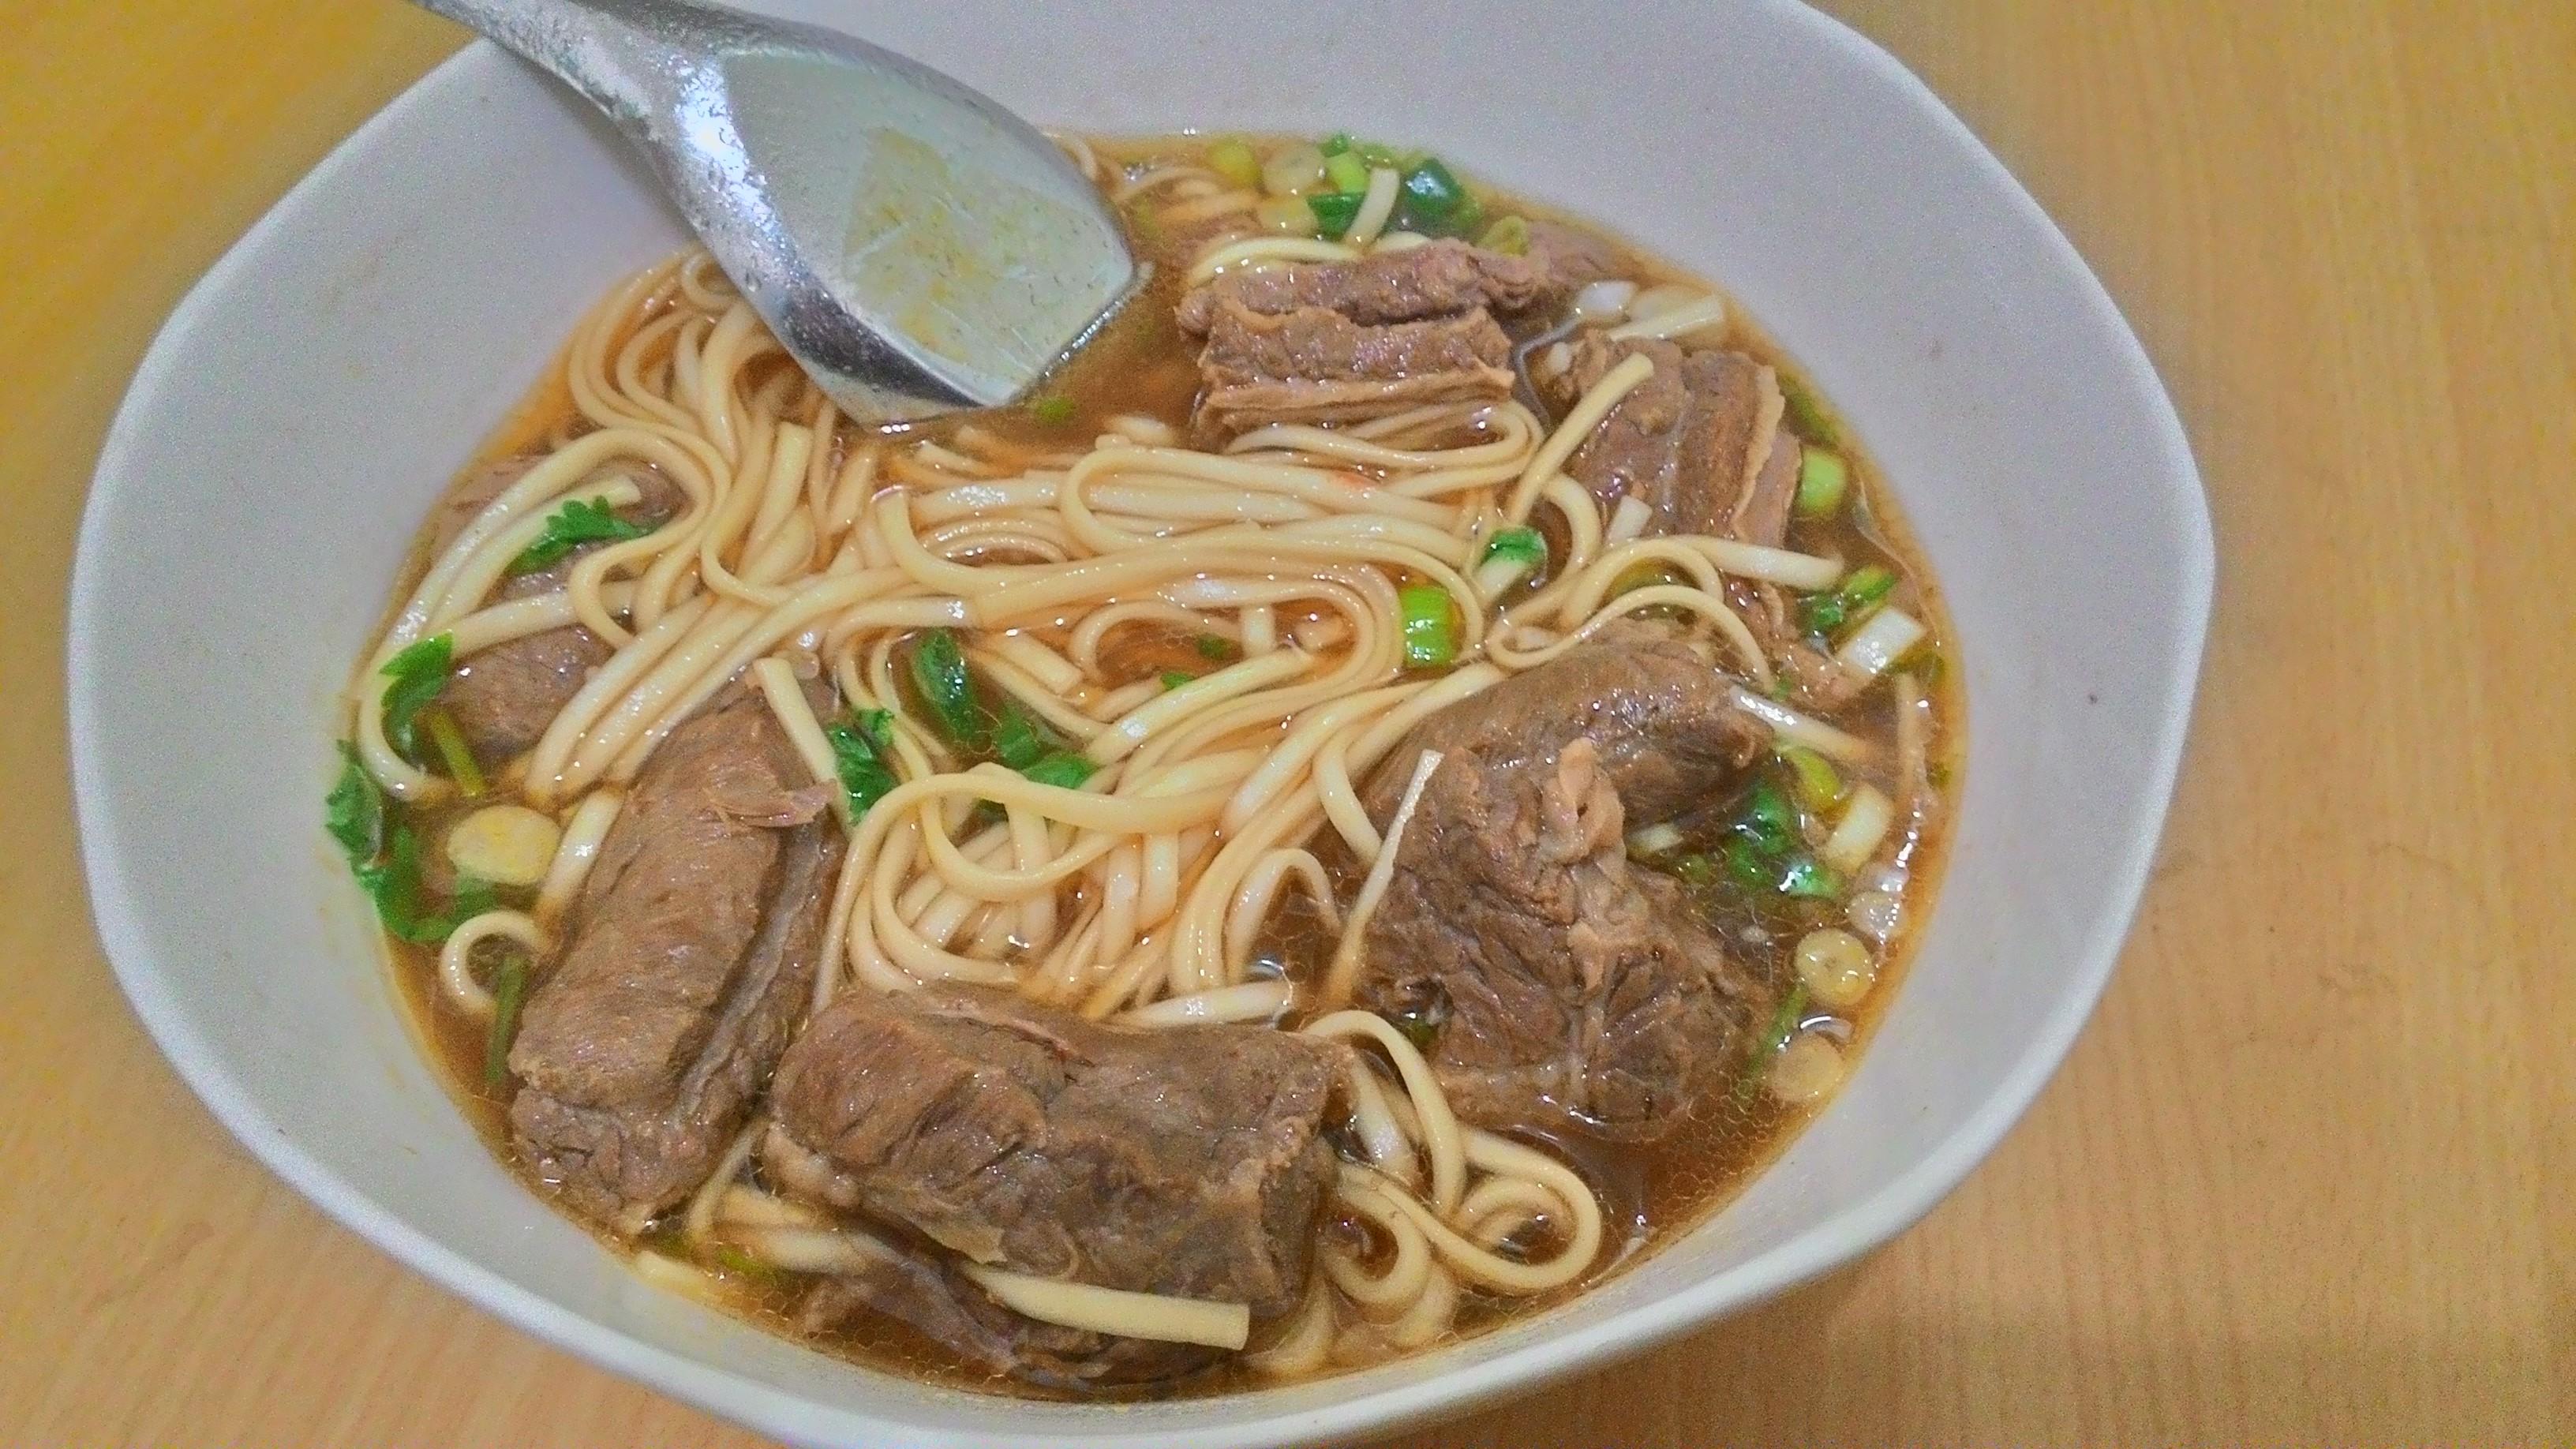 加入麵條、蔥和香菜是「紅燒牛肉麵」最好吃的搭配。